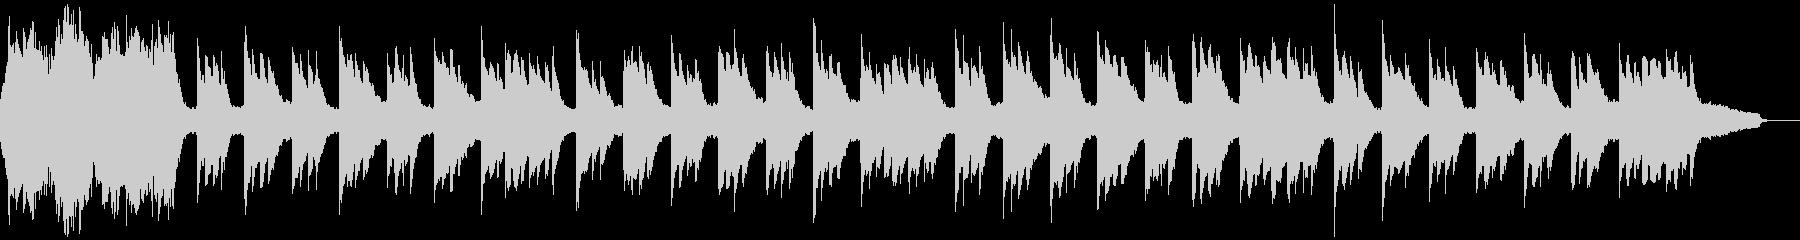 なつかしくおだやかな外国の民謡のカラオケの未再生の波形